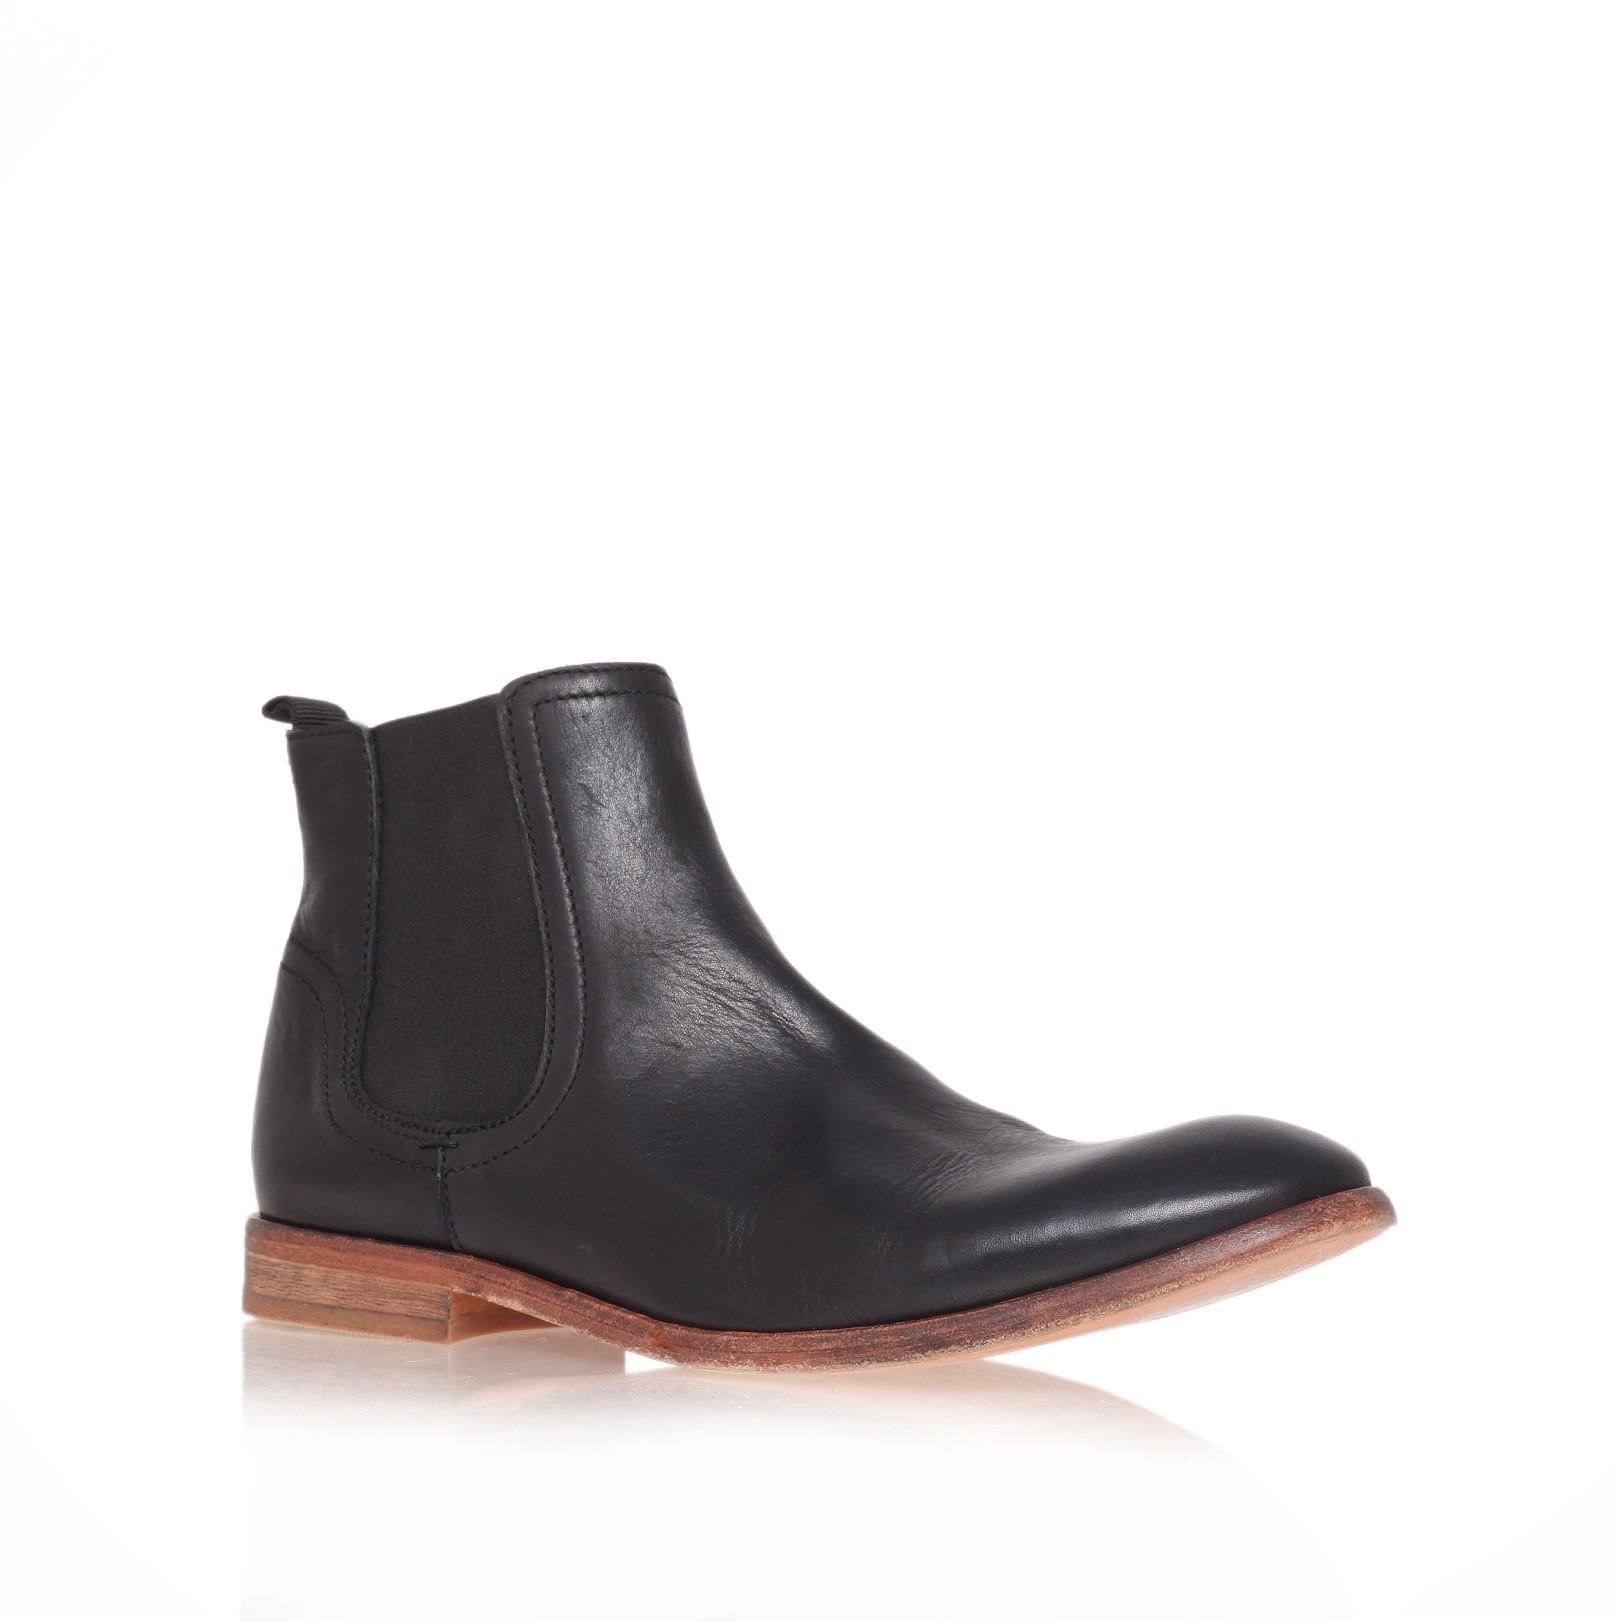 h by hudson patterson chelsea boot in black for men black. Black Bedroom Furniture Sets. Home Design Ideas